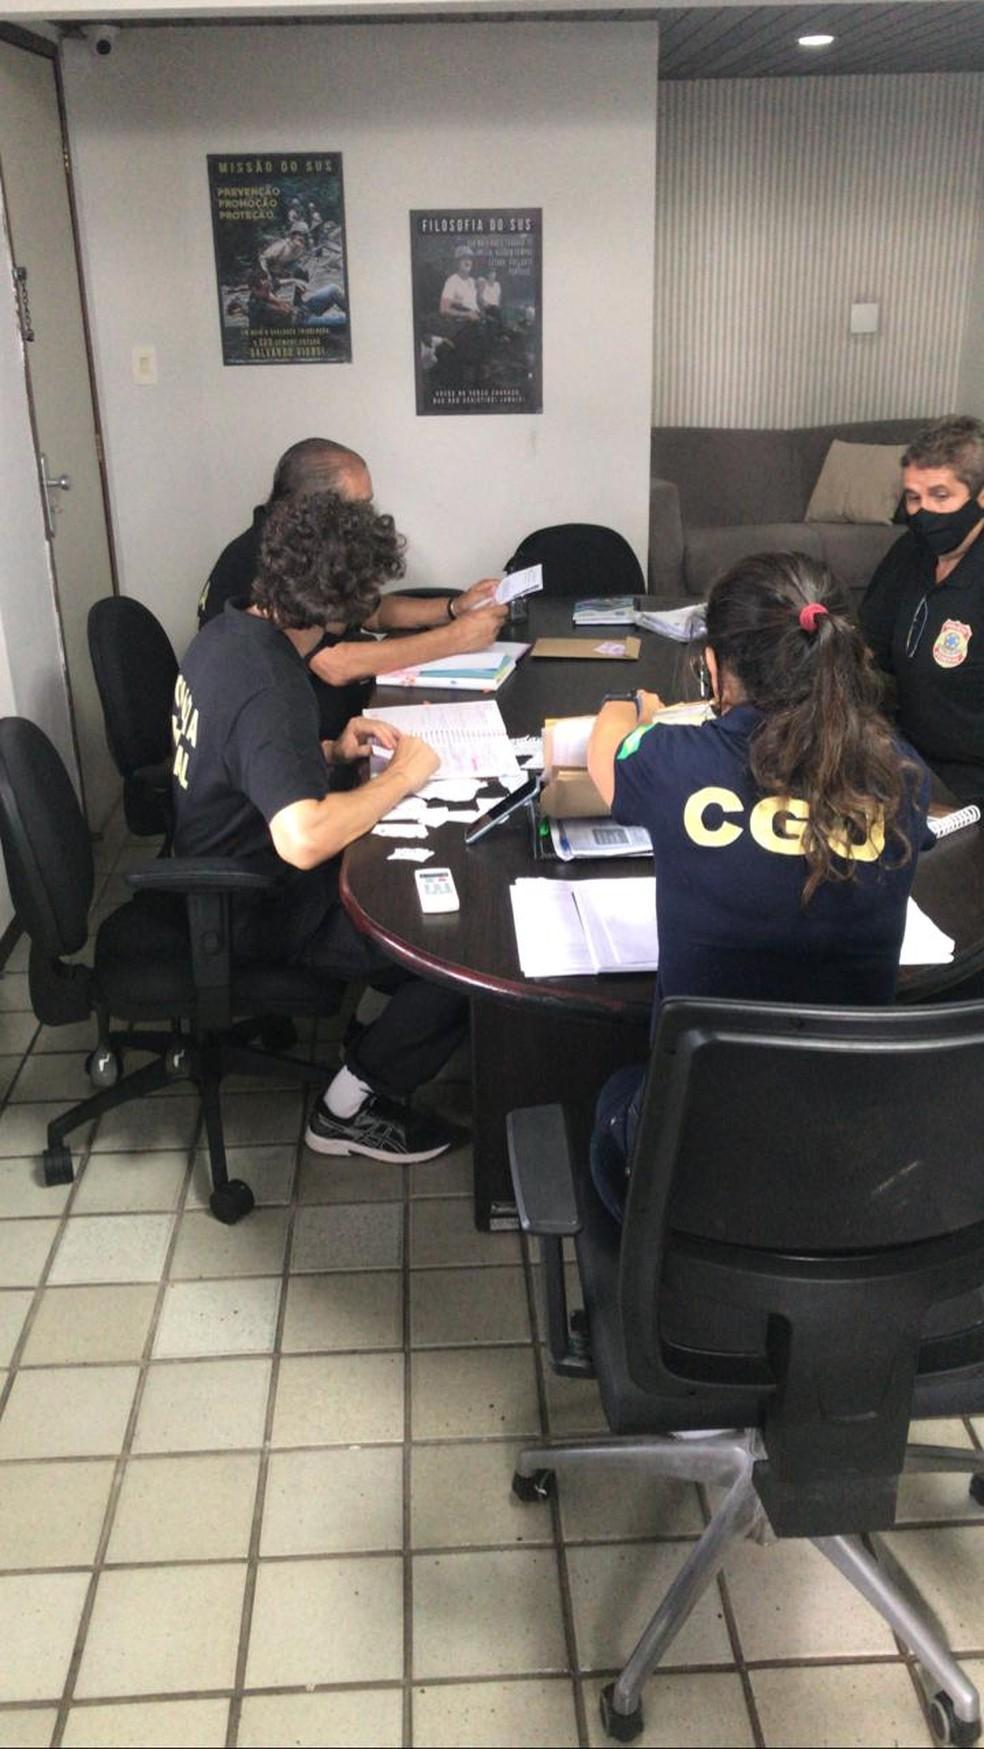 Agentes da PF e CGU analisam documentos na Secretaria Municipal de Saúde de Natal durante operação  — Foto: PF/Divulgação